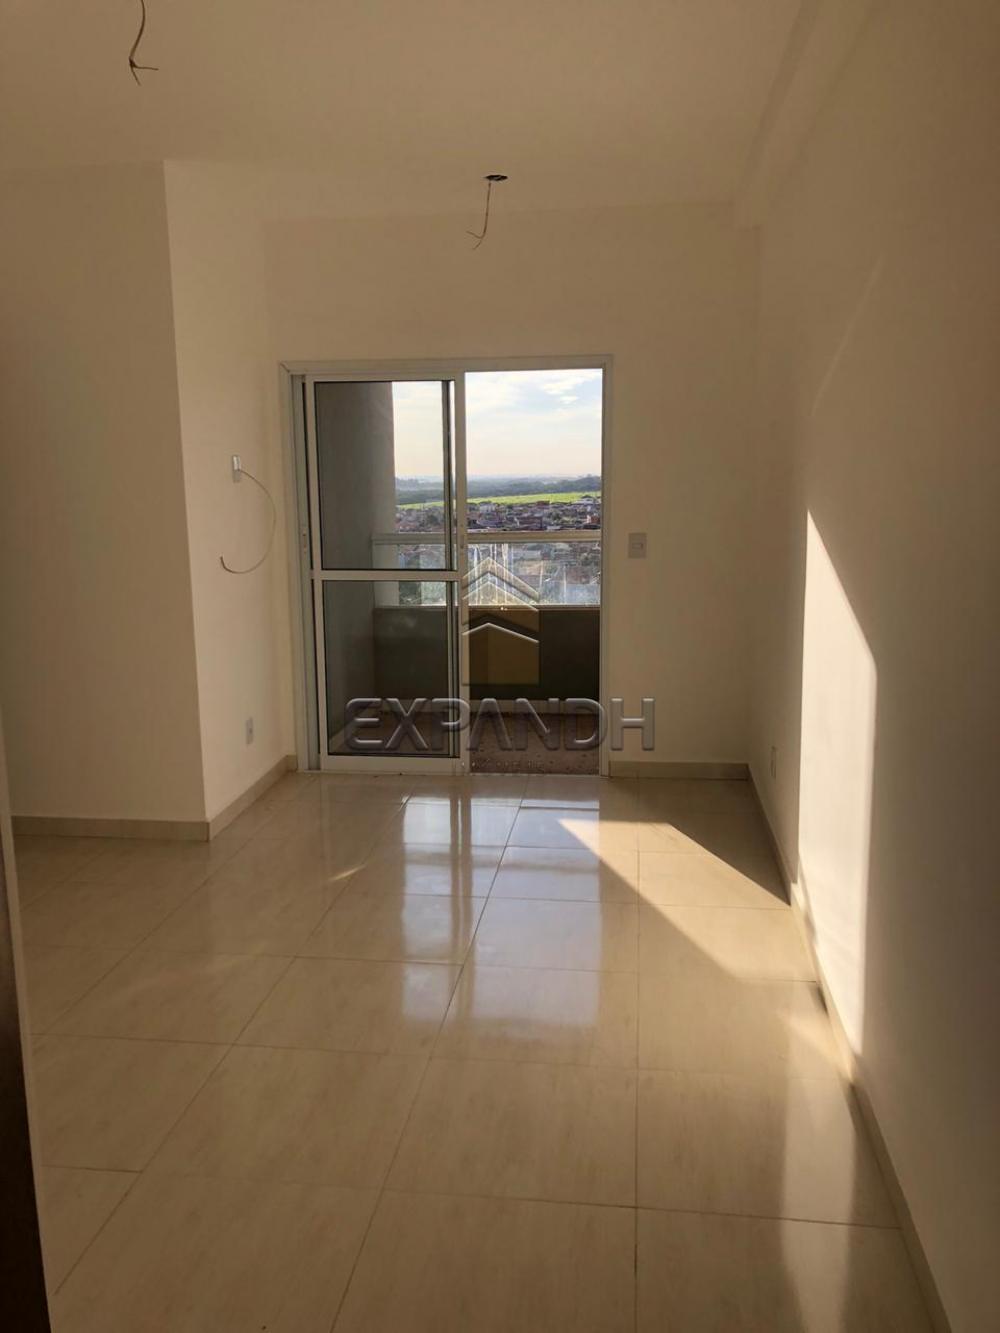 Comprar Apartamentos / Padrão em Sertãozinho apenas R$ 280.000,00 - Foto 2